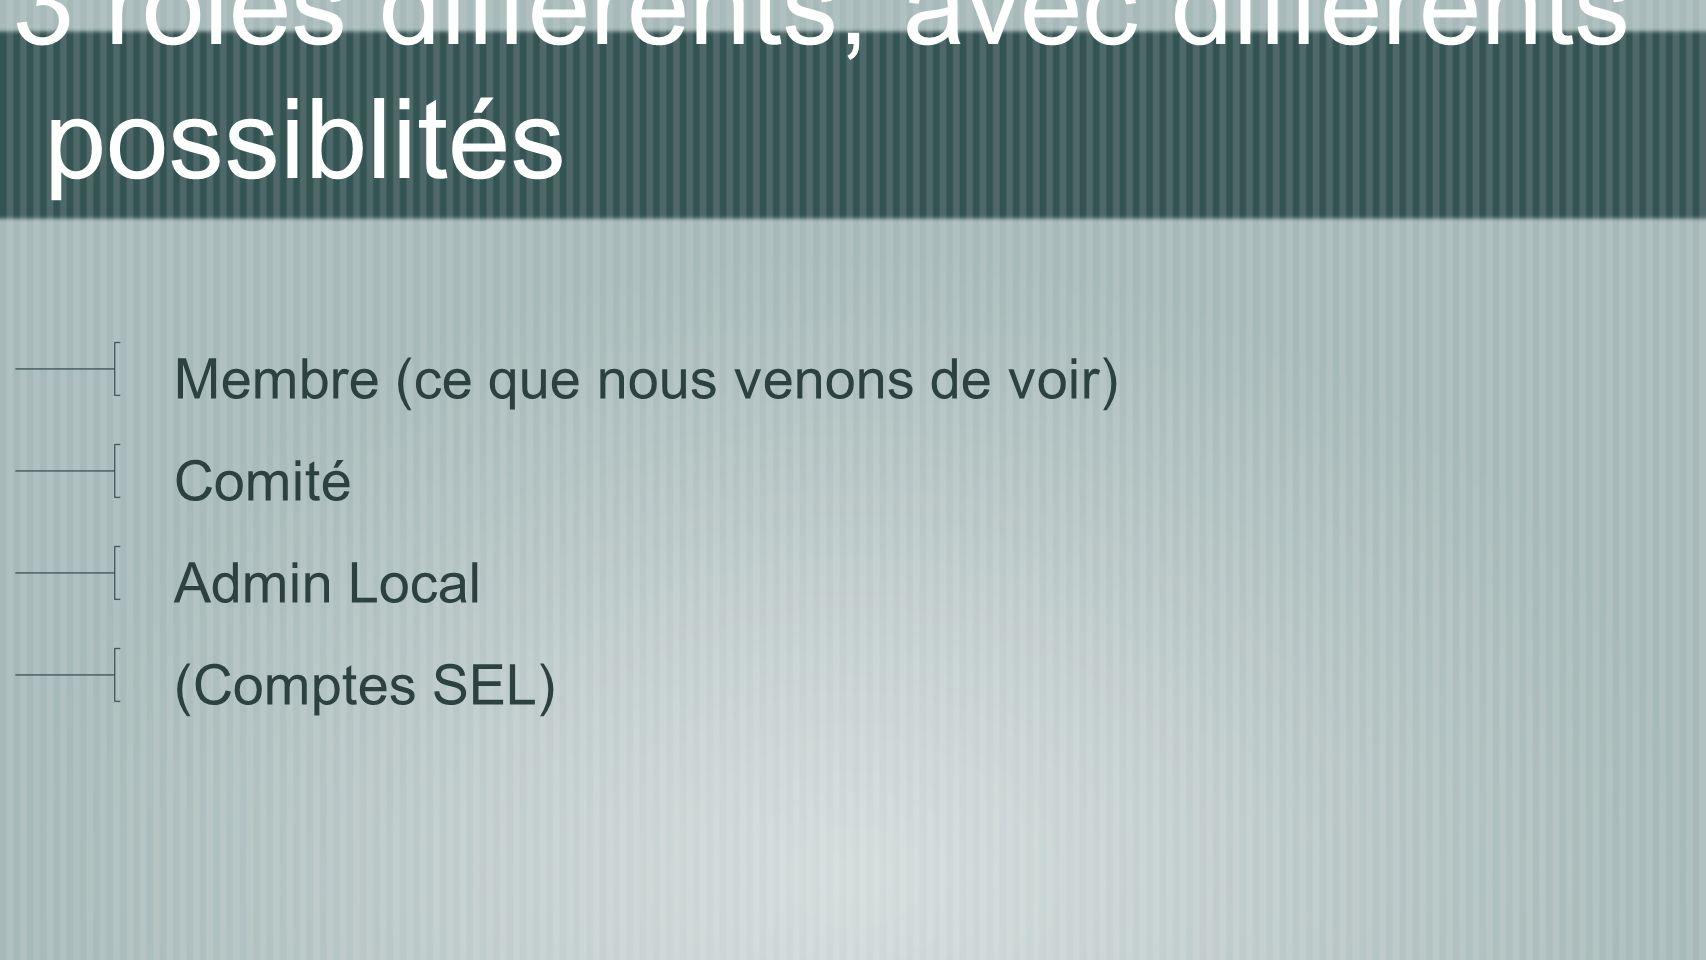 3 rôles différents, avec différents possiblités Membre (ce que nous venons de voir) Comité Admin Local (Comptes SEL)